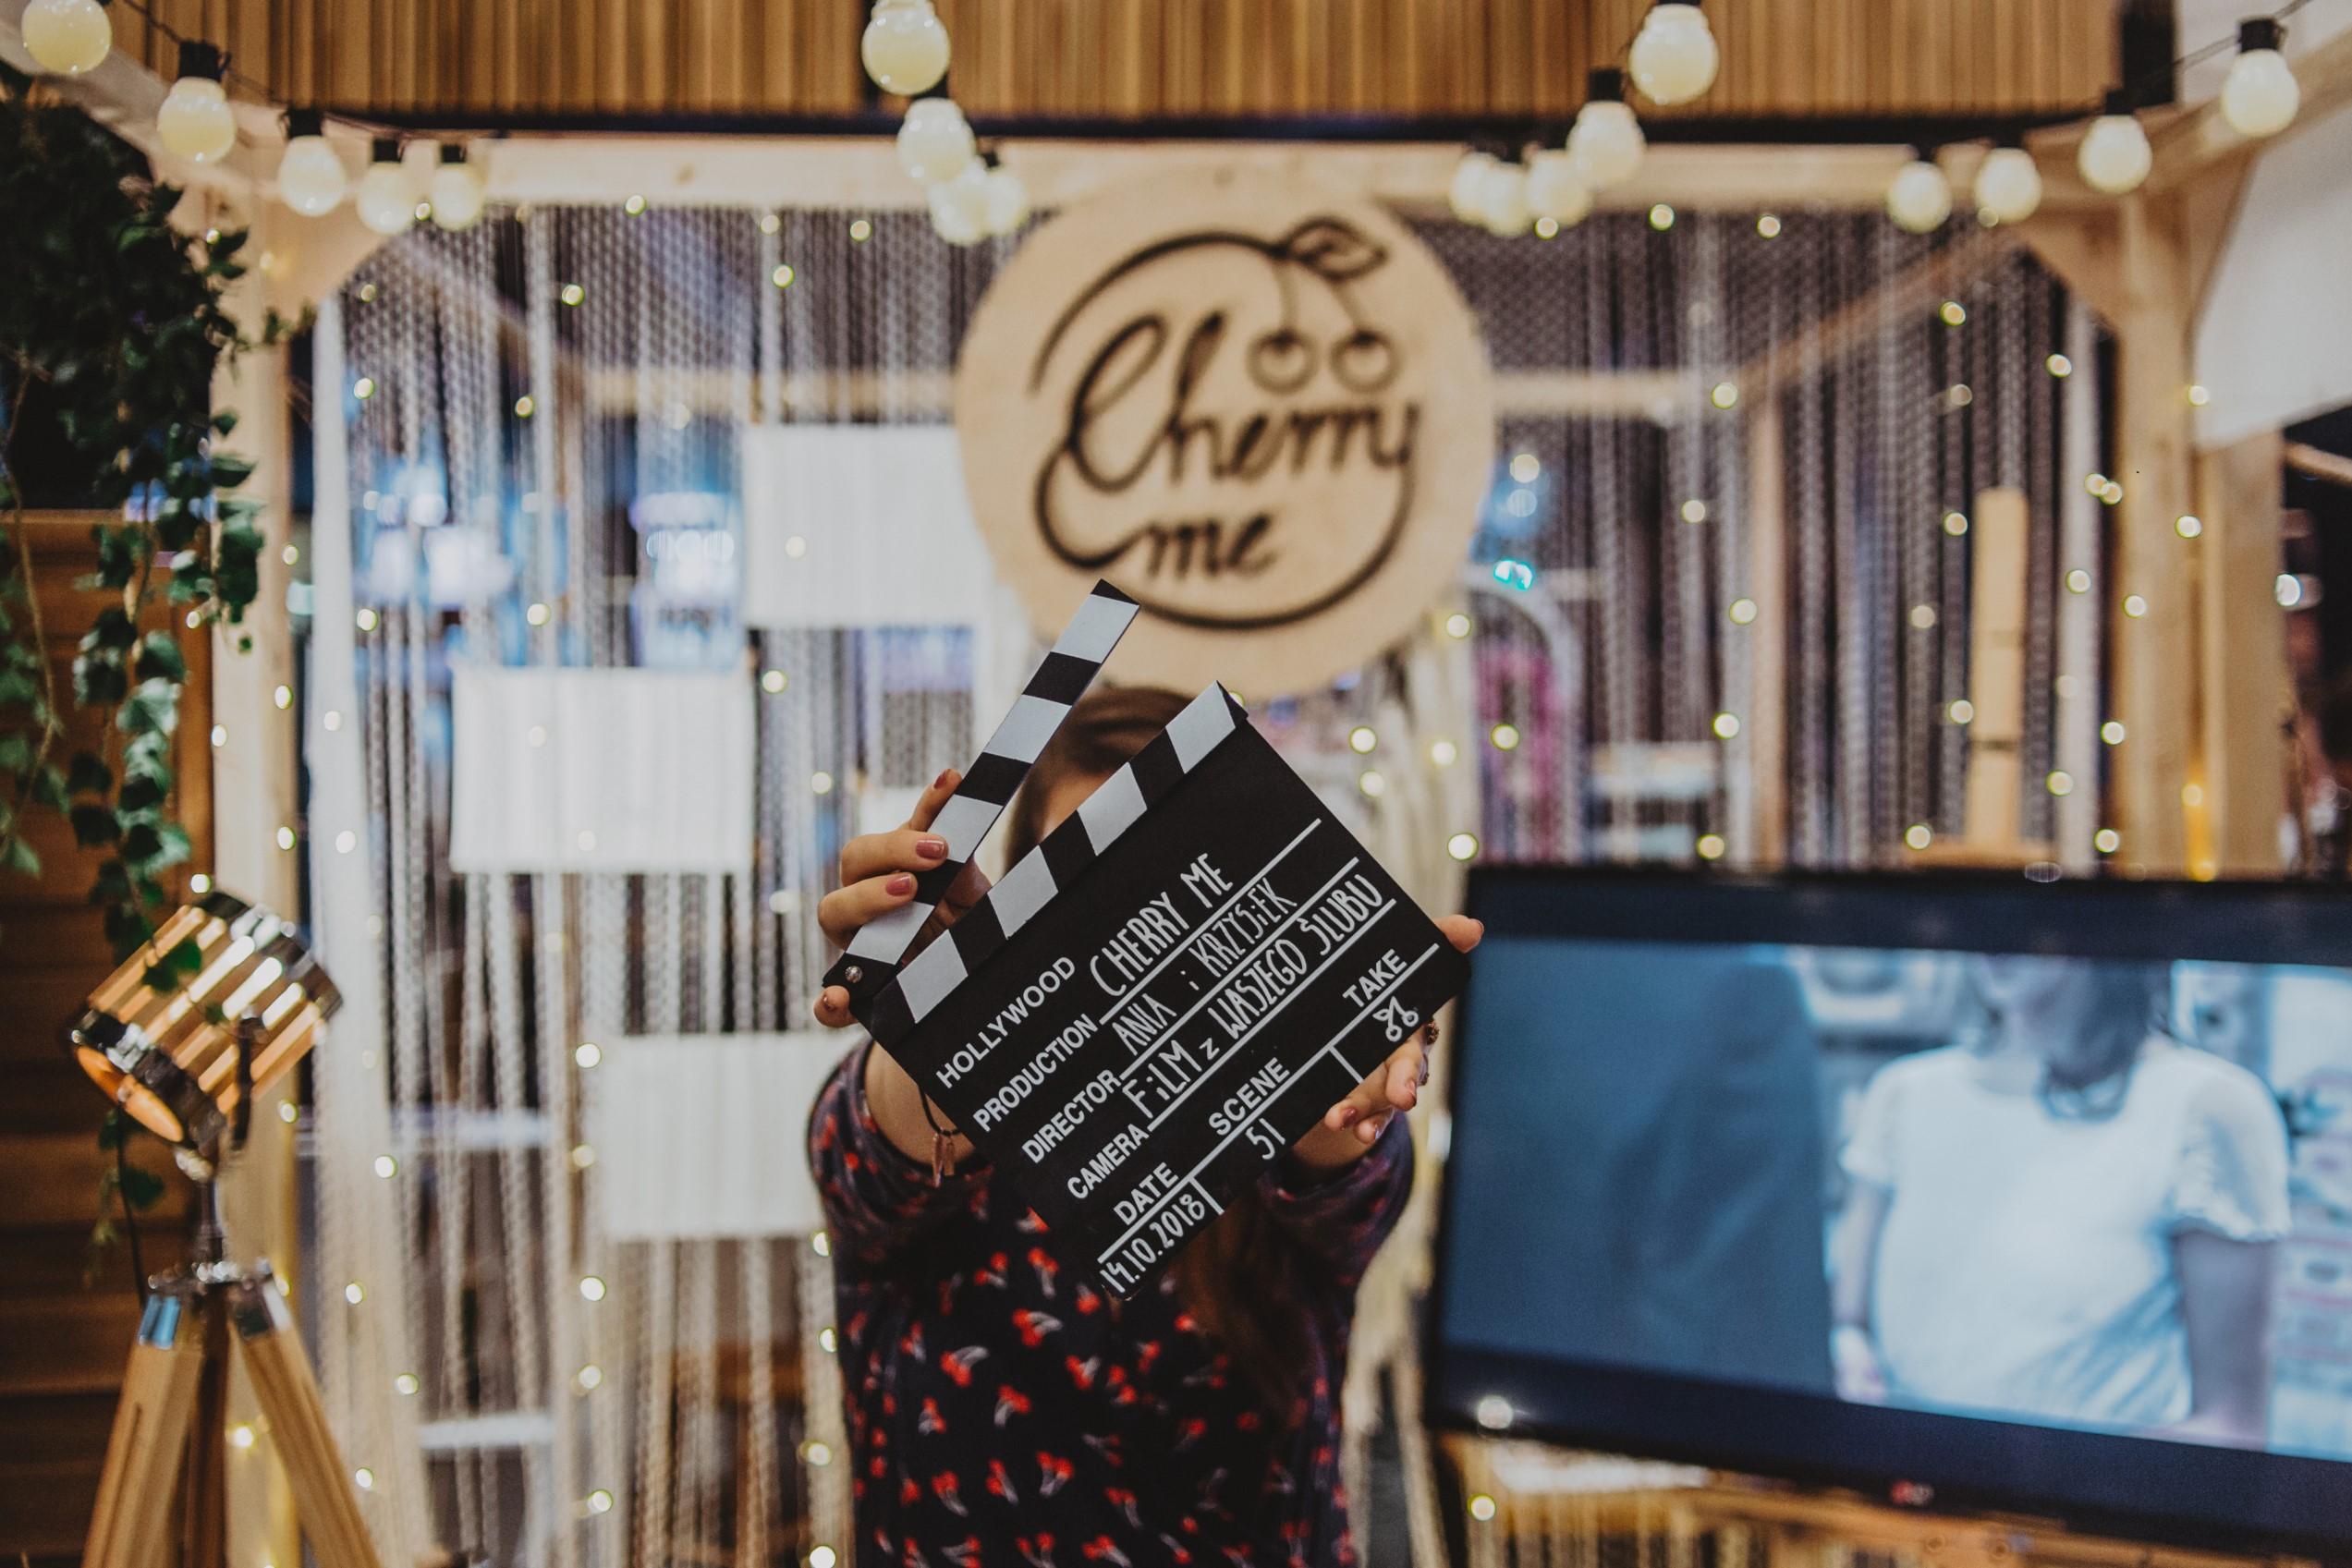 cherry me film alternatywne targi ślubne w starym maneżu 15 październik